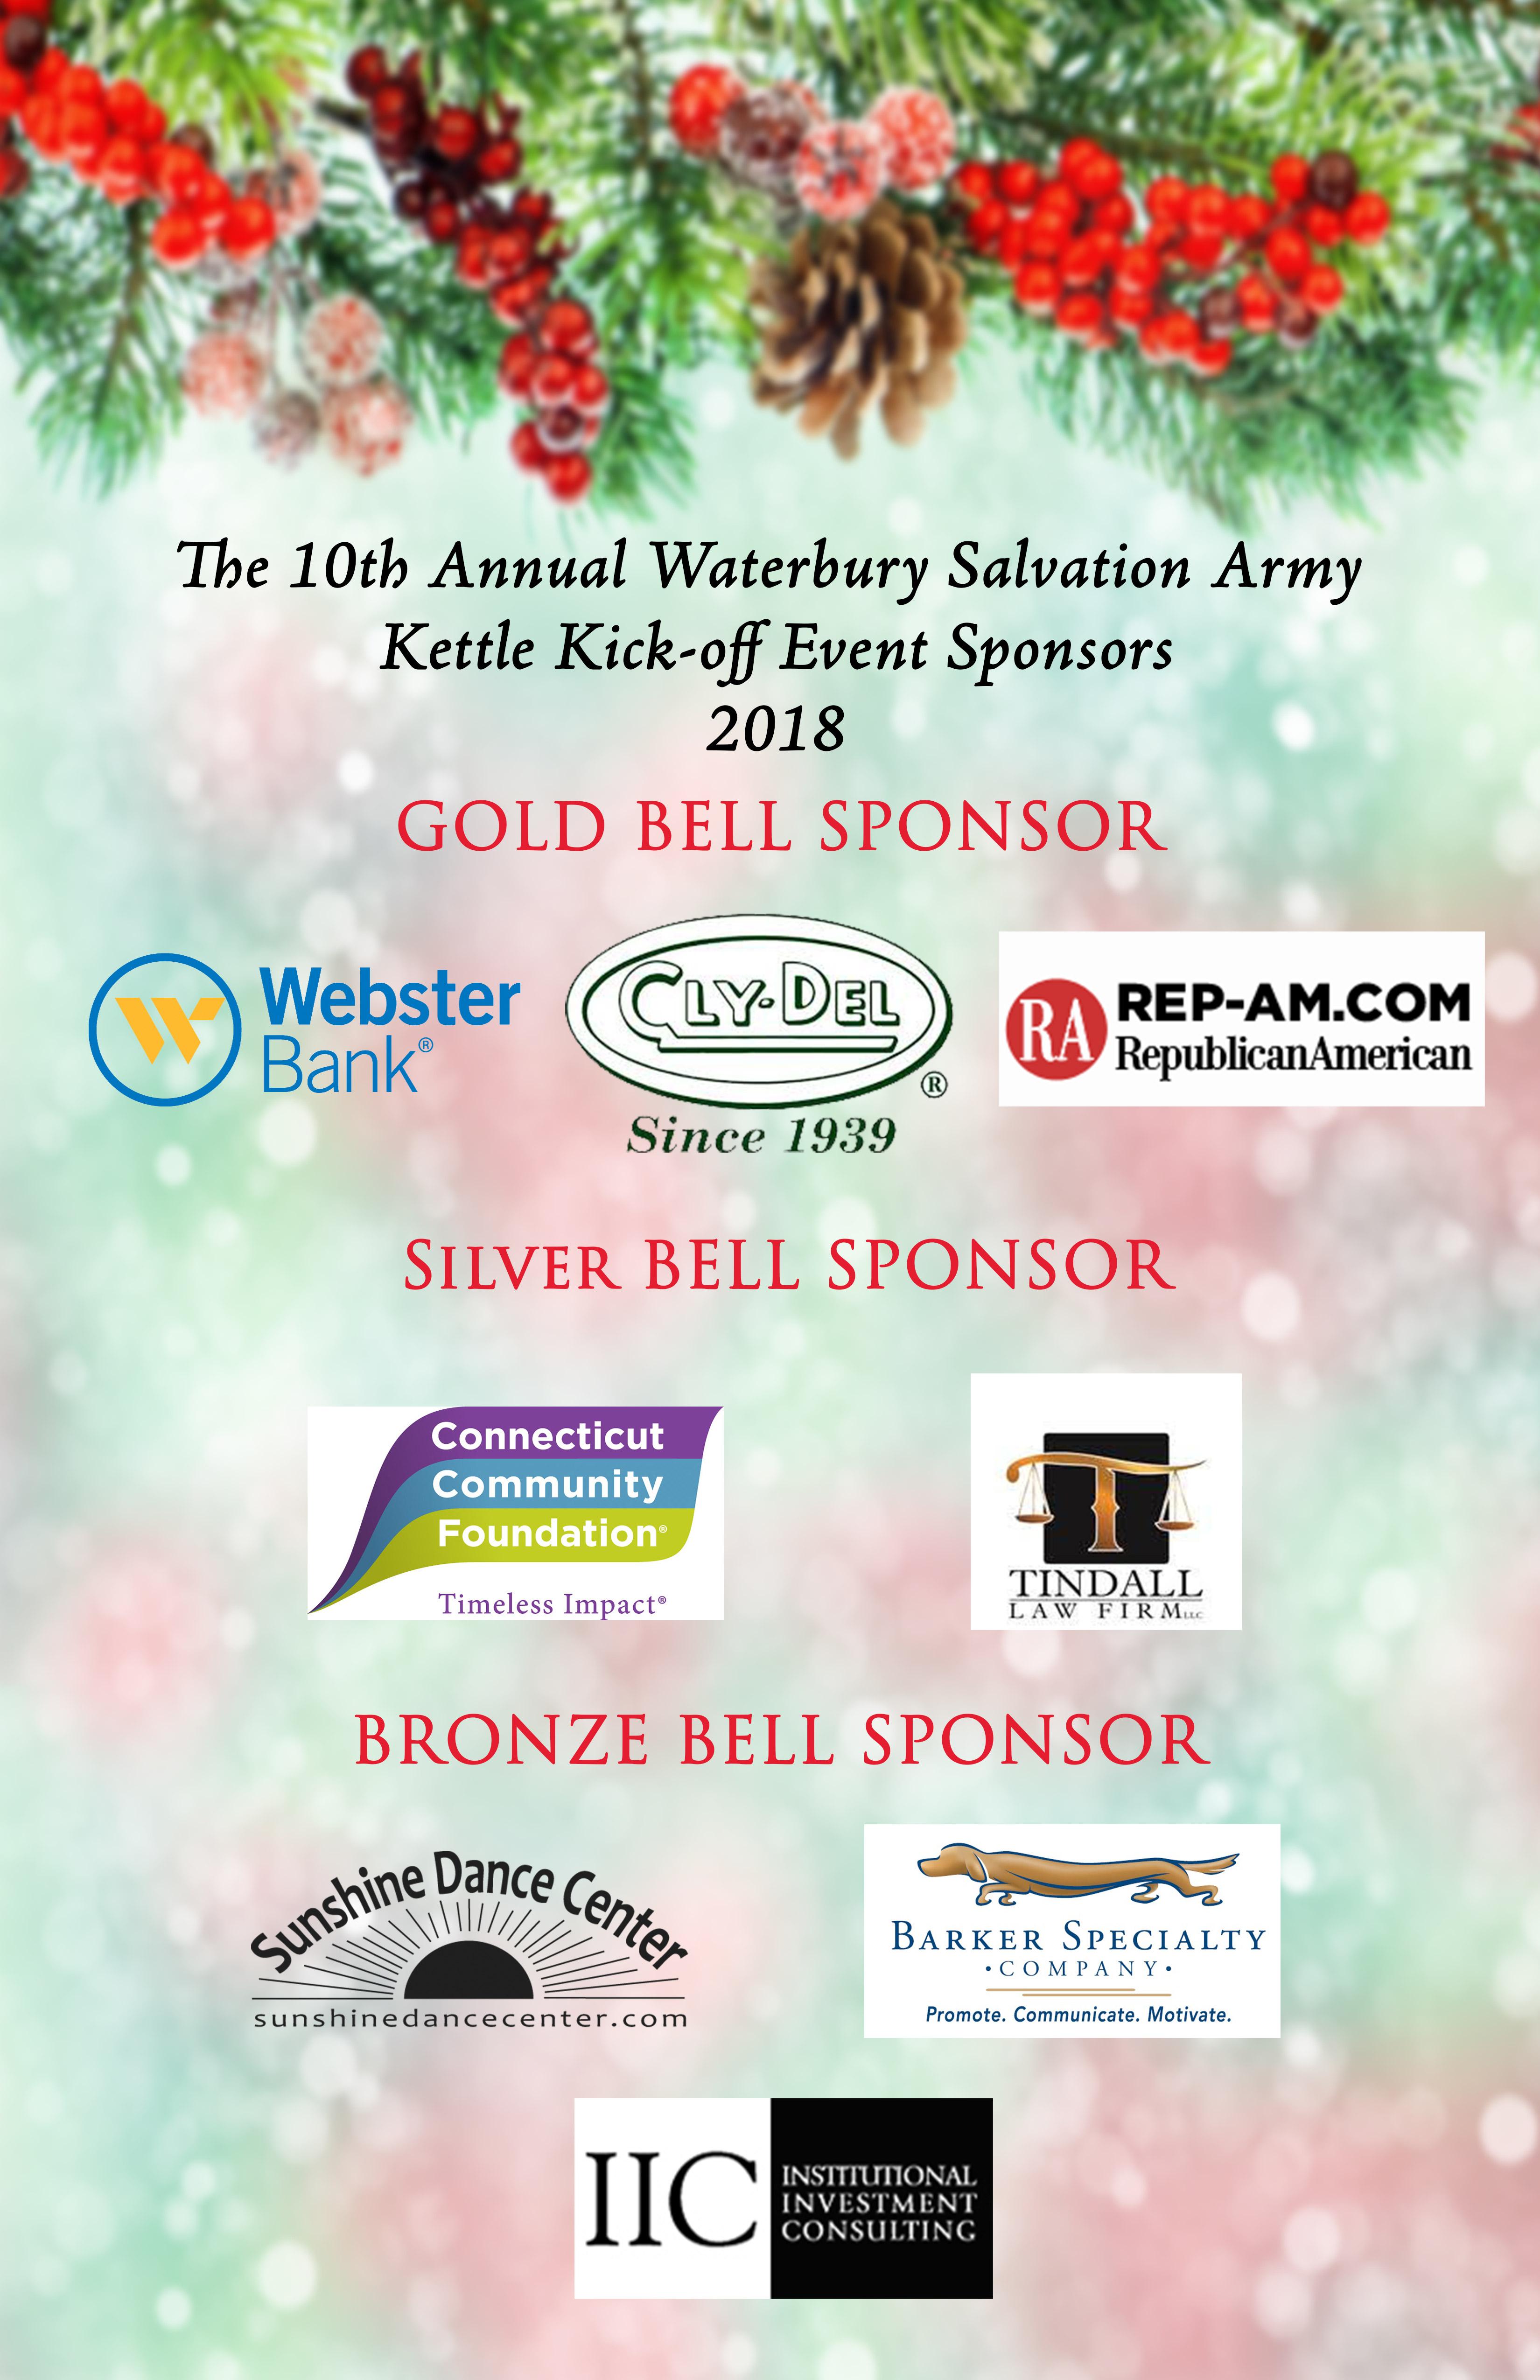 Salvation Army Waterbury Kettle Kickoff 2018 sponsors